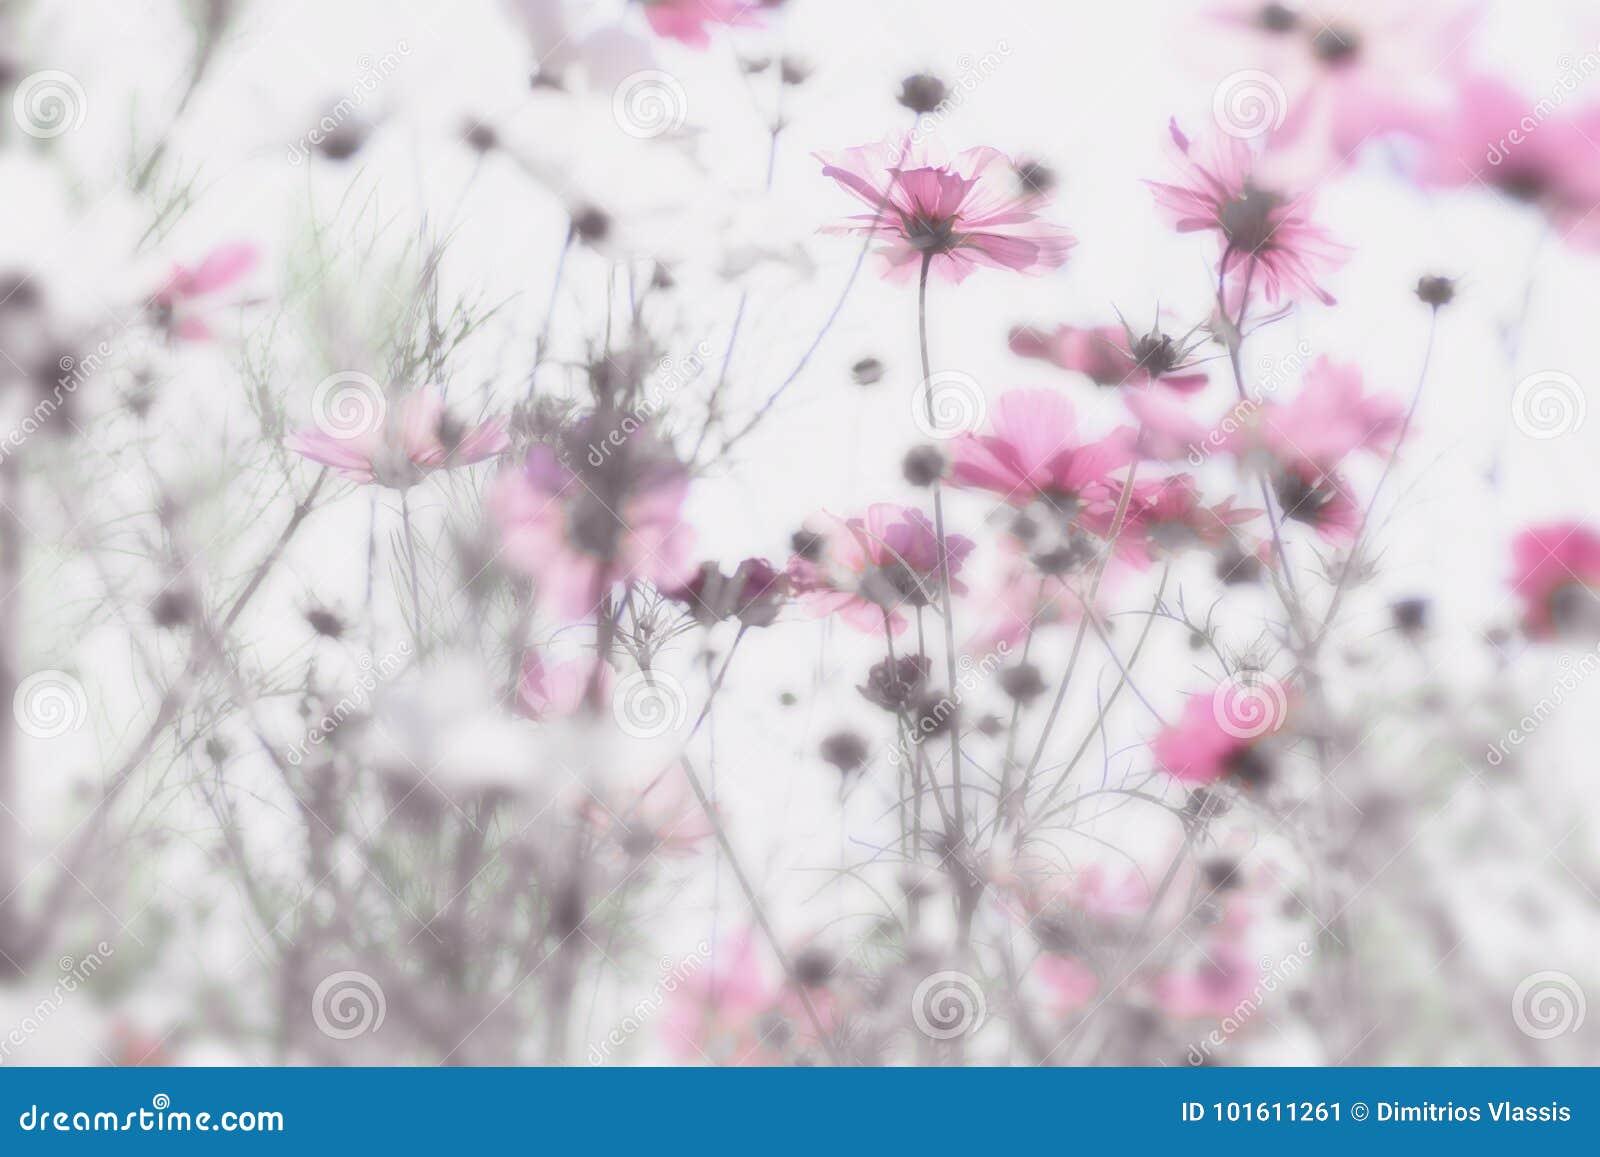 Fleurs roses avec le fond blanc mou et trouble Effet rêveur